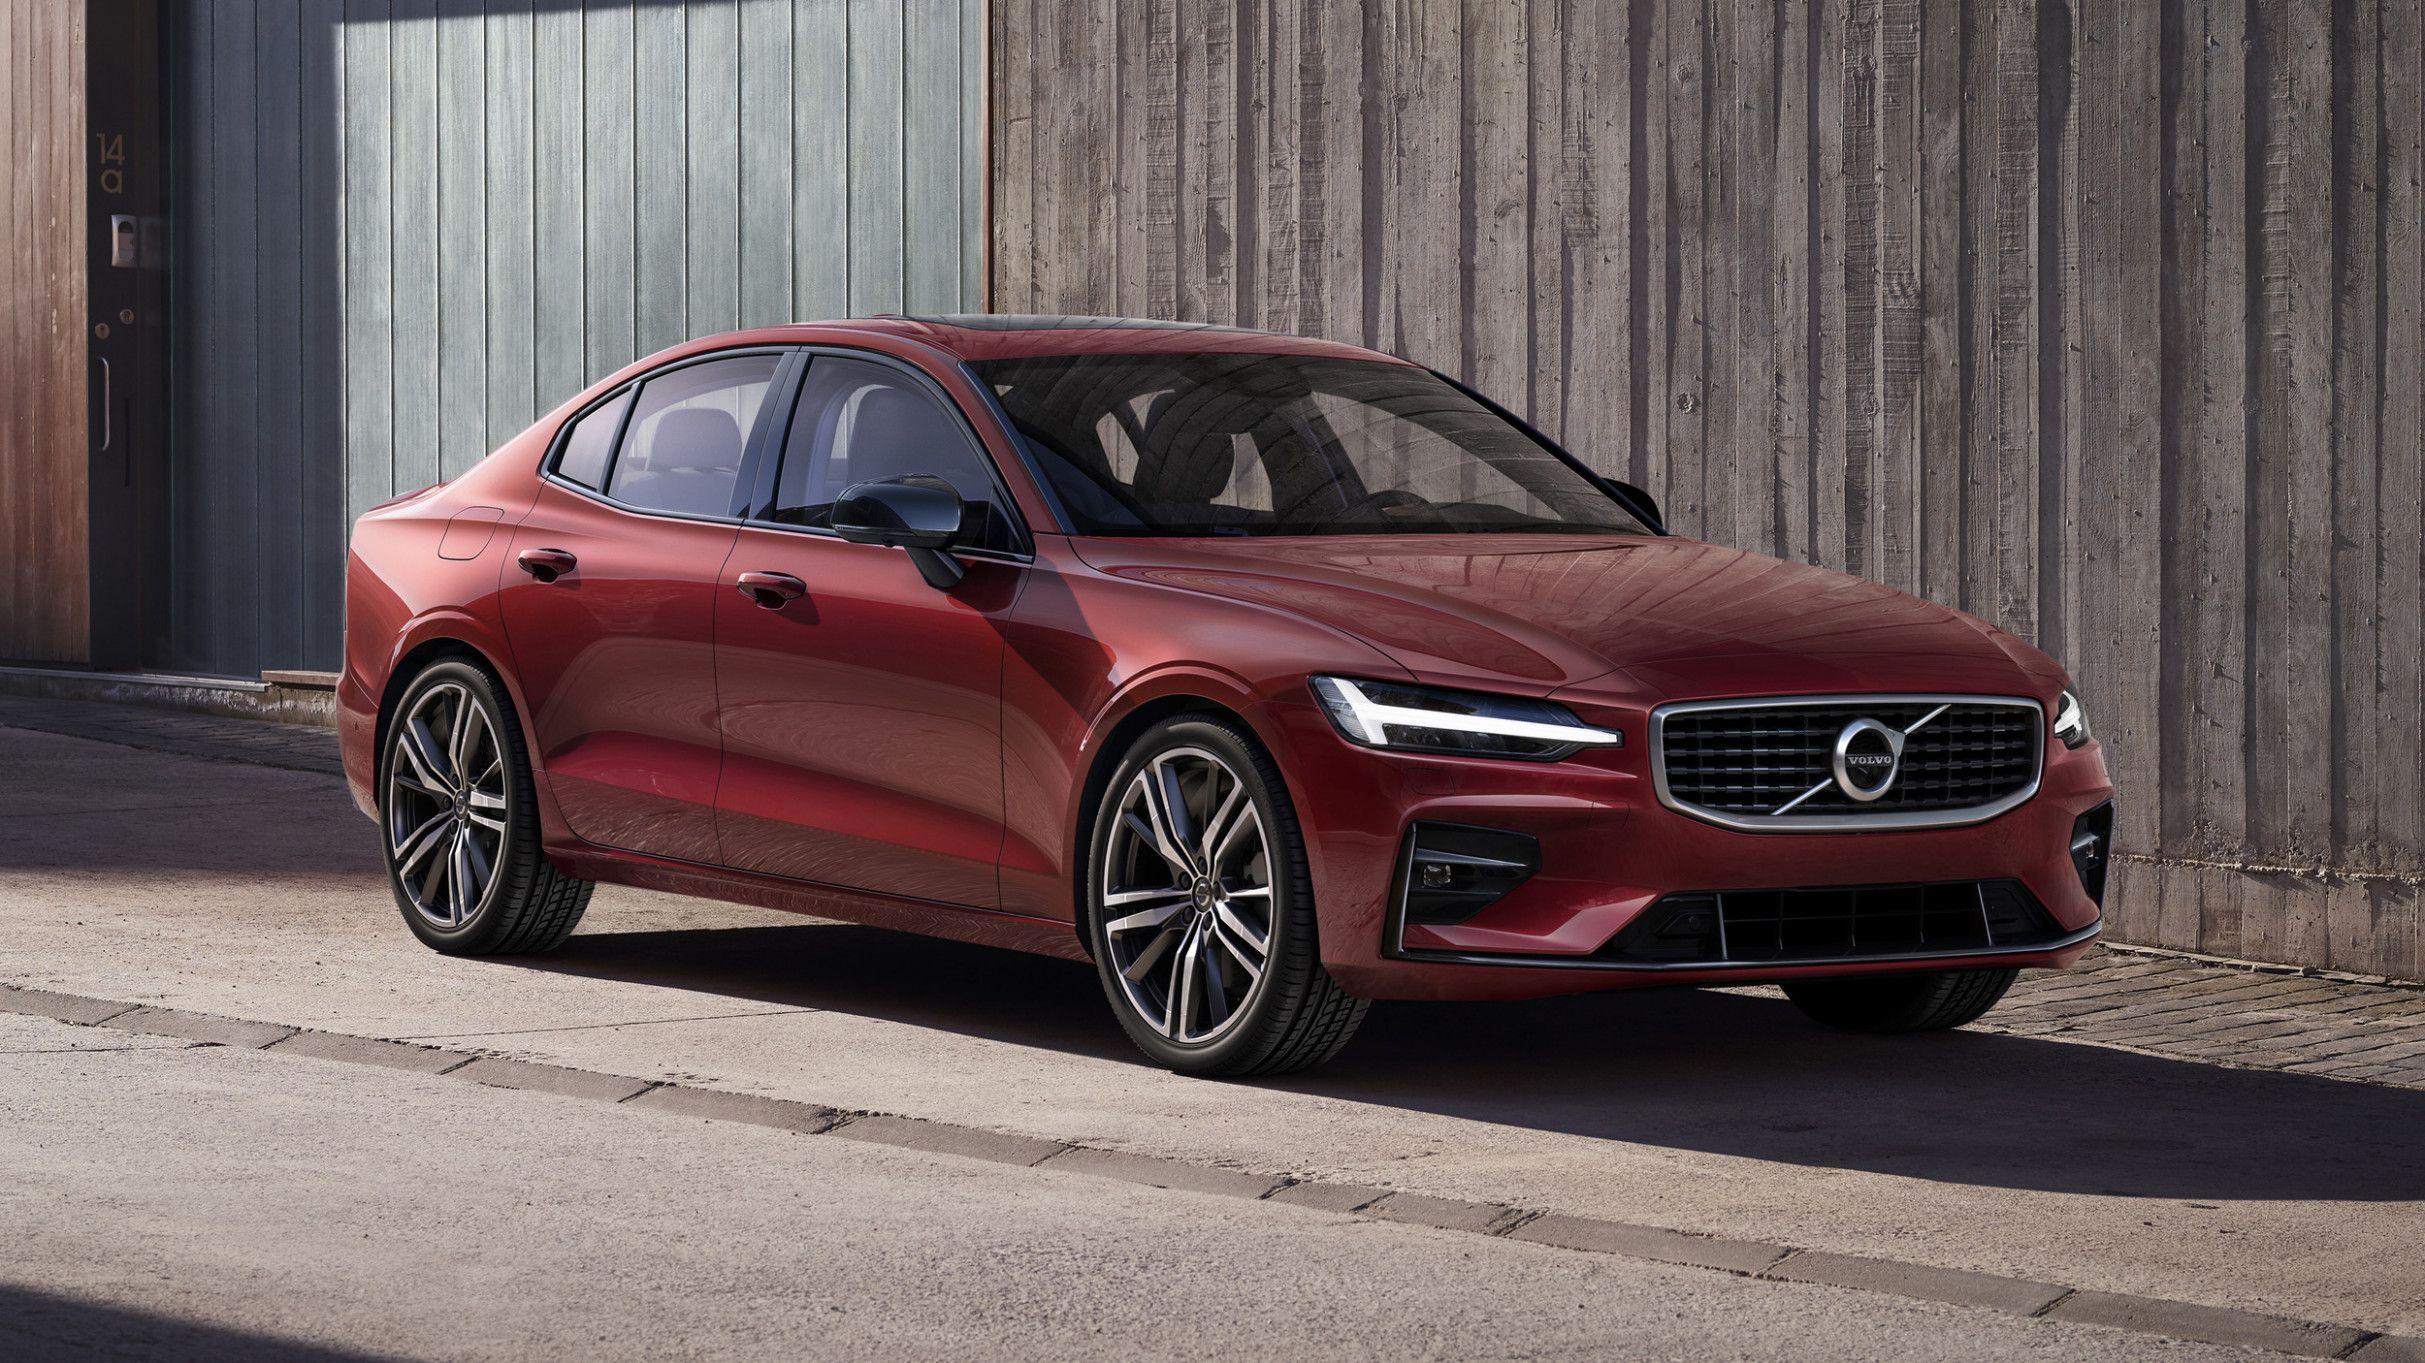 2022 Volvo S60 R Review Volvo S60 Volvo Cars Uk